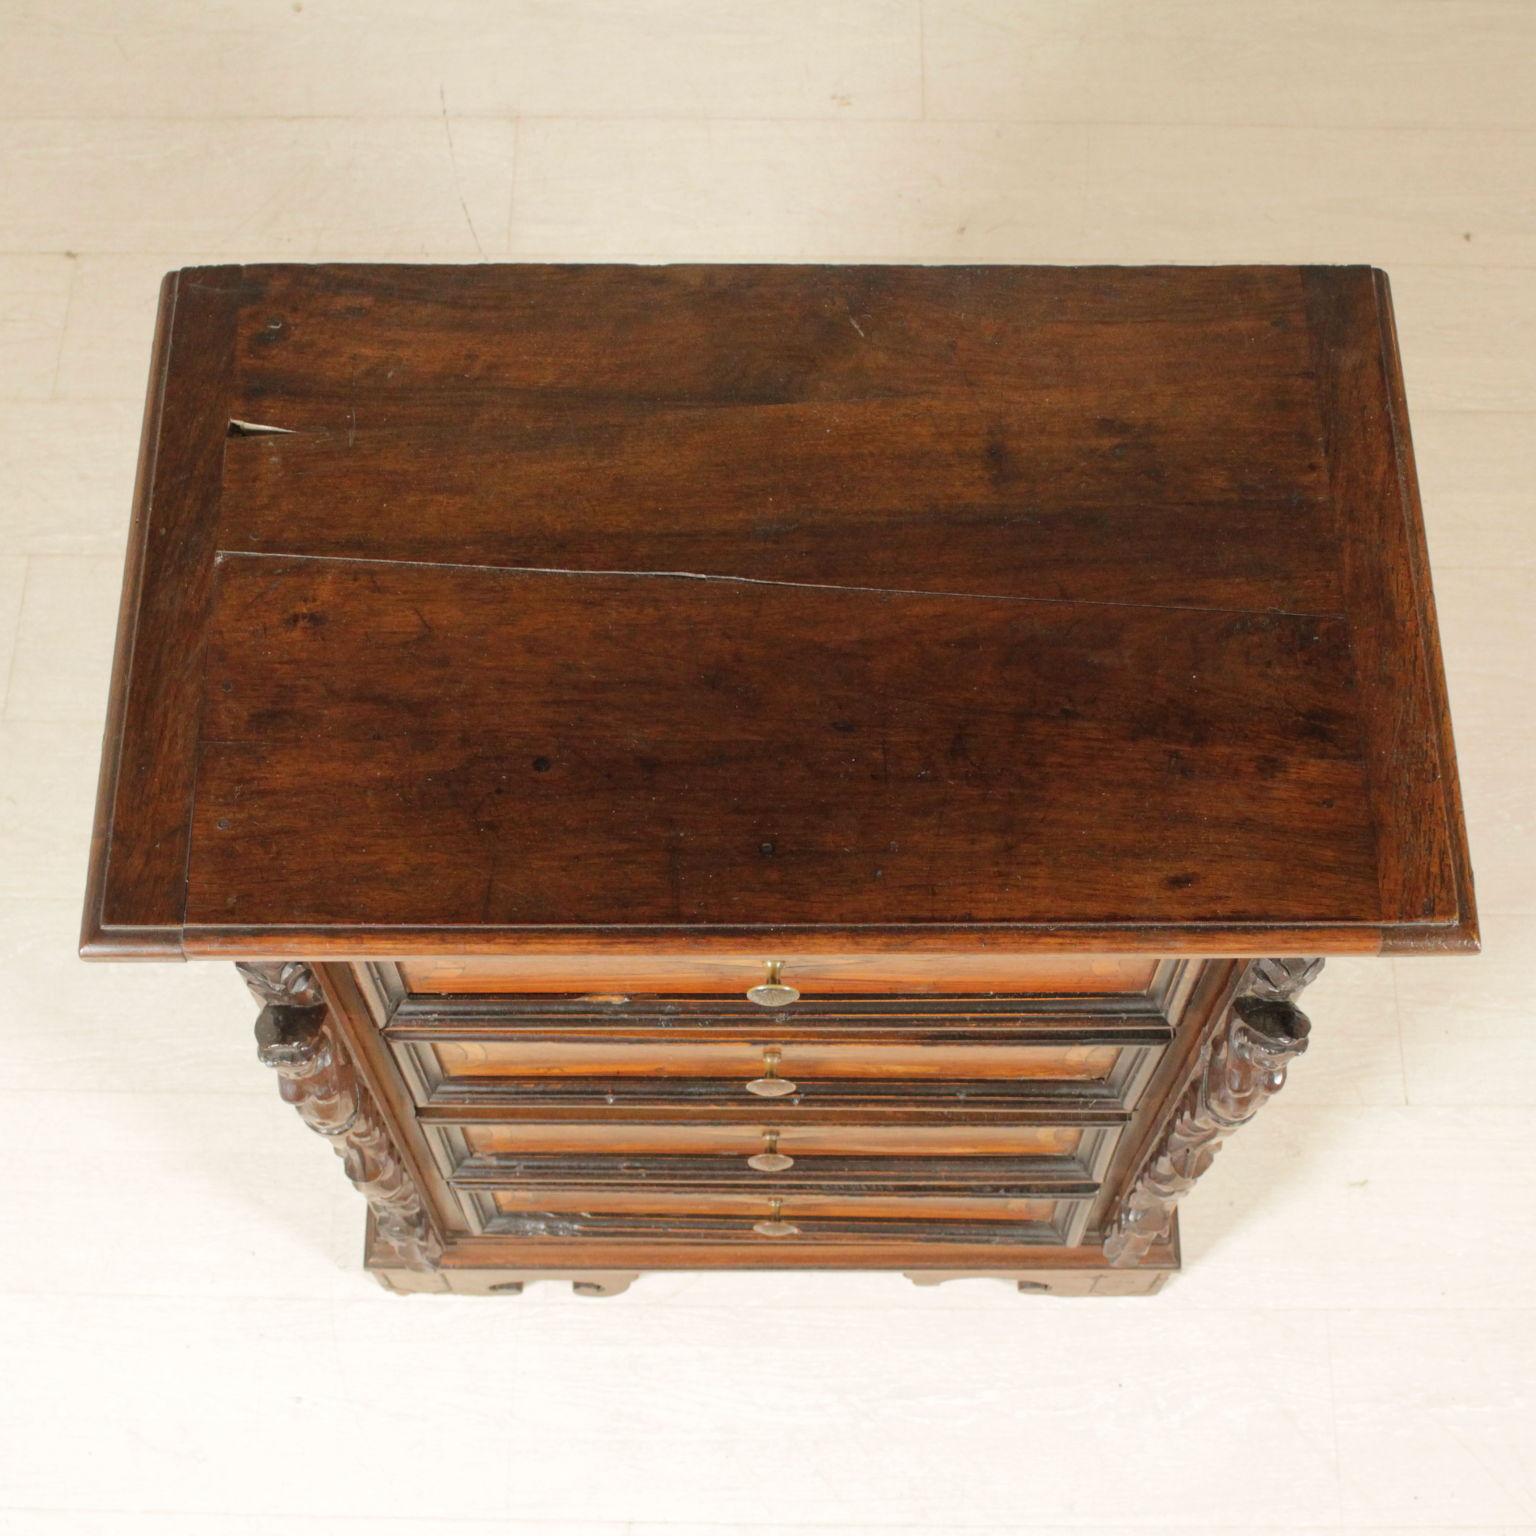 Pecho de cajones antiguos de madera muebles de estilo - Cajones de madera antiguos ...